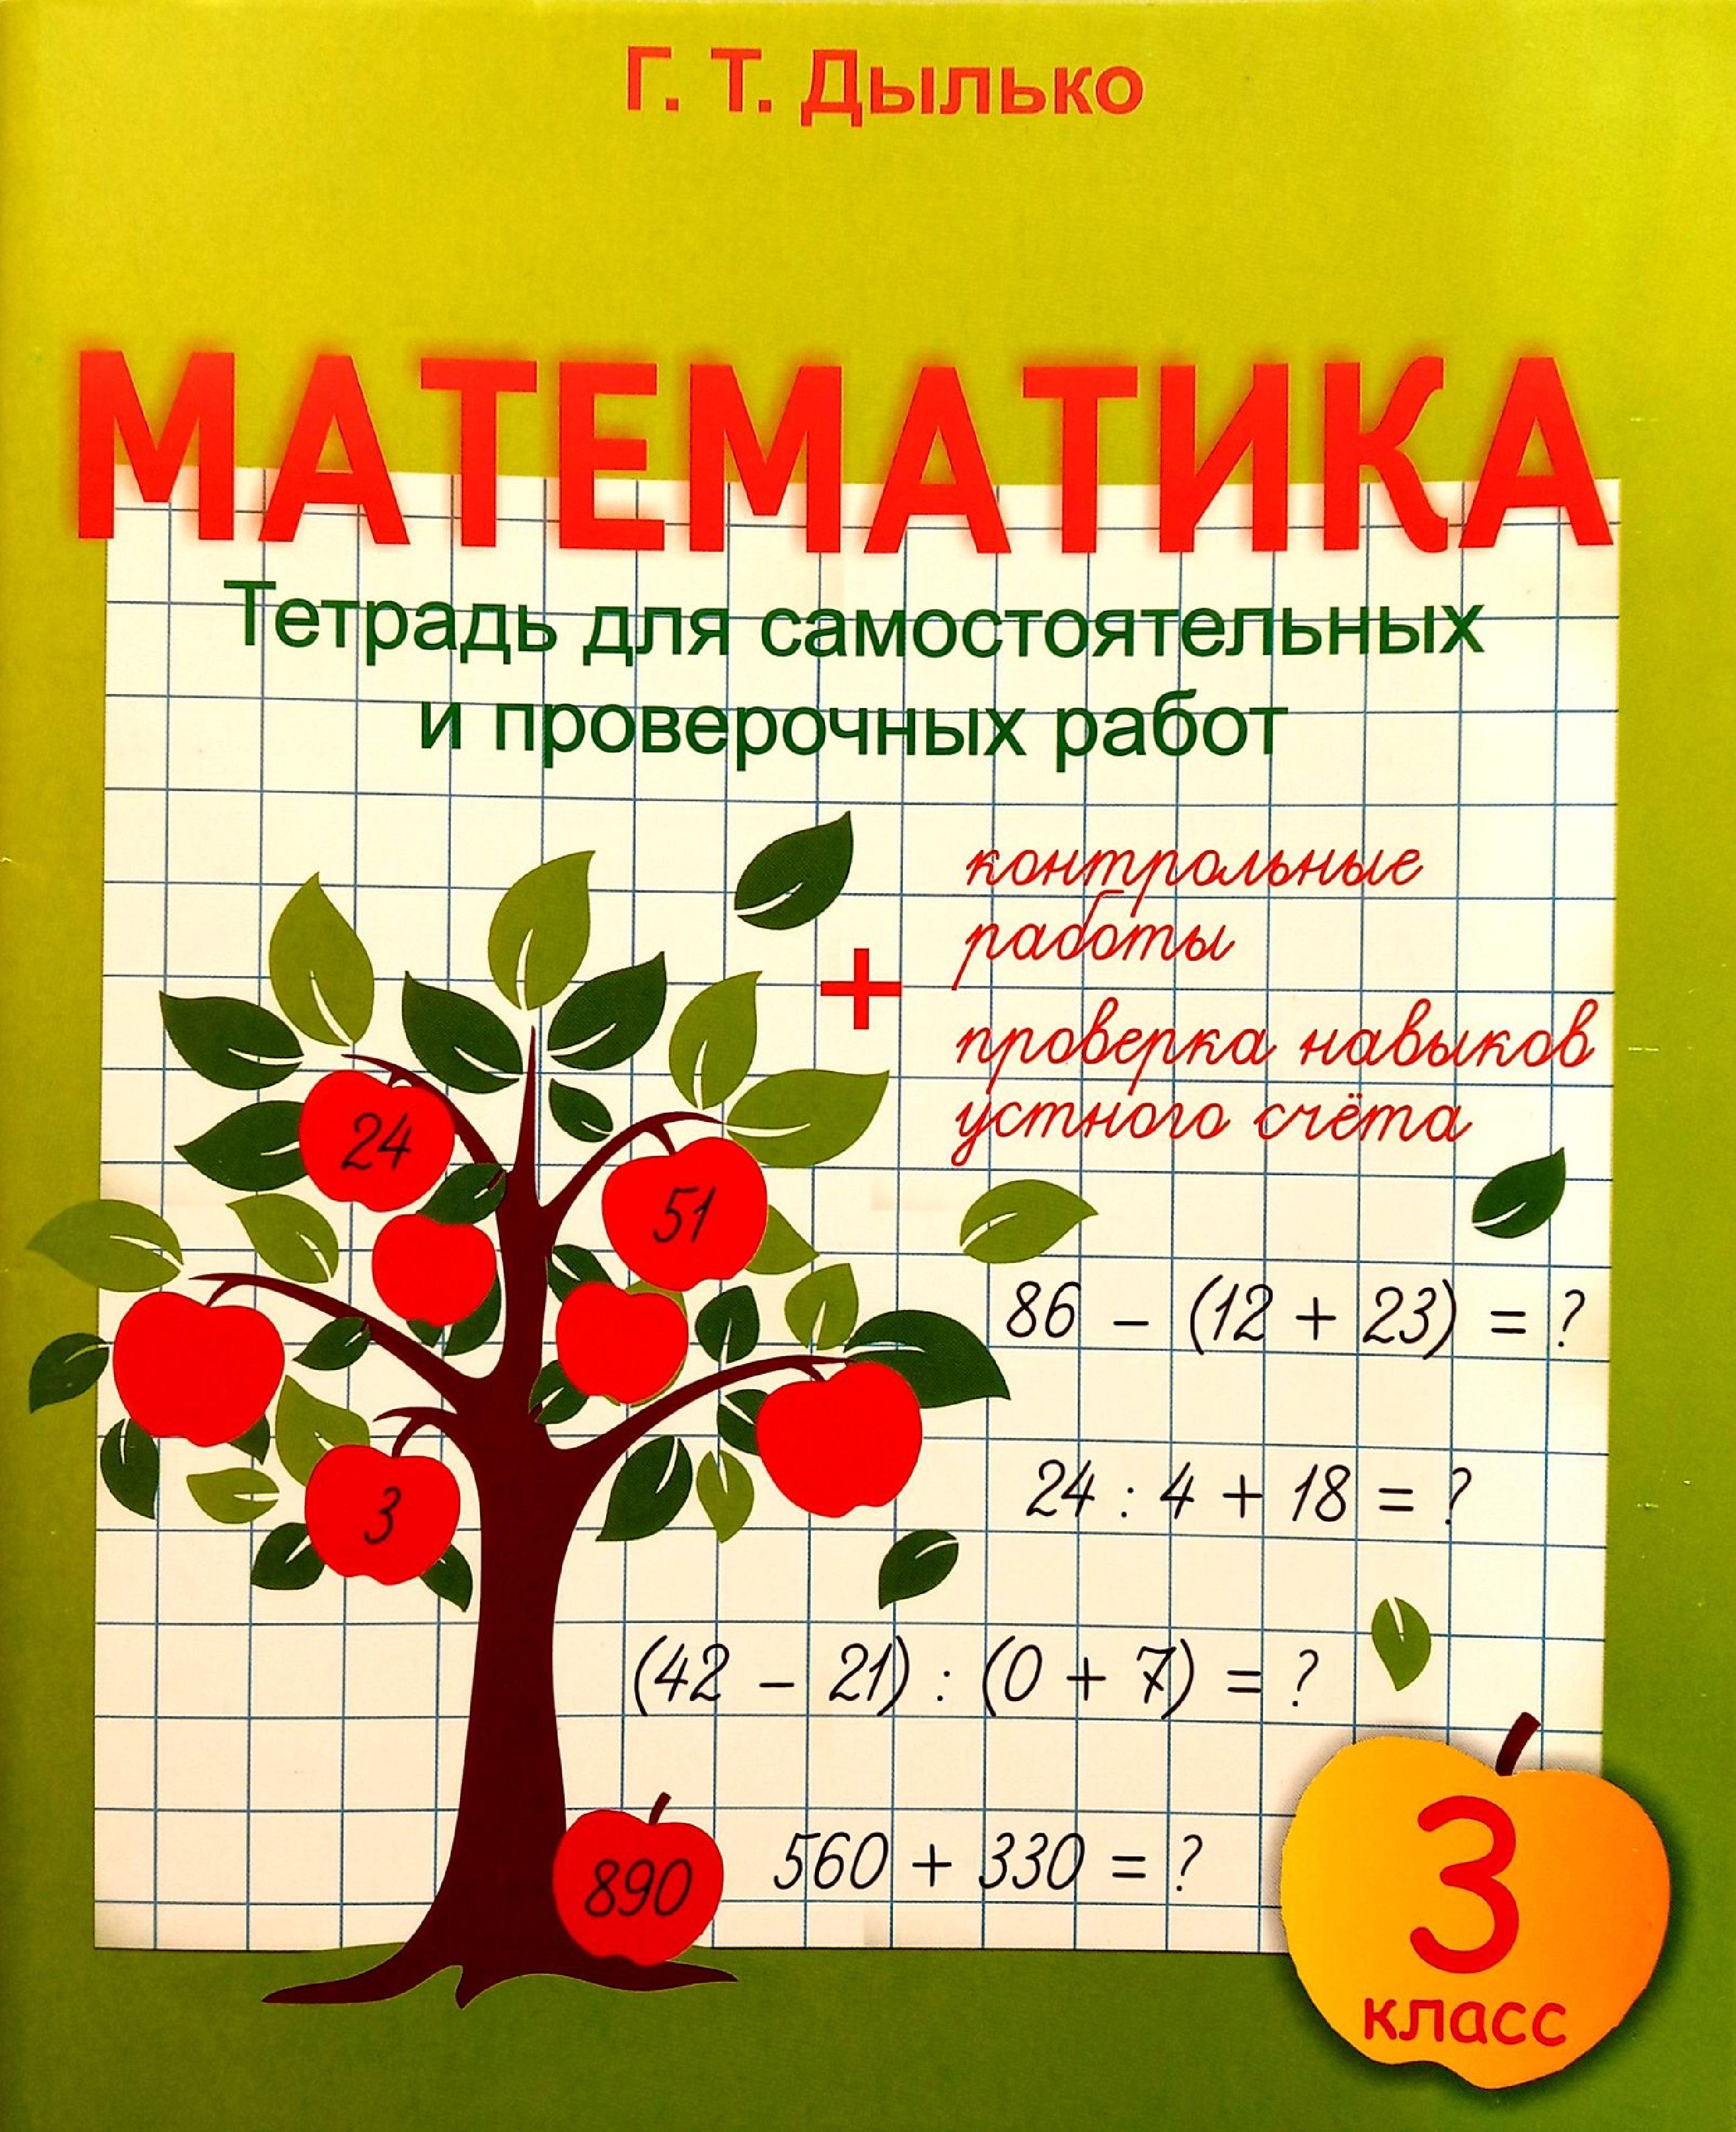 Математика. 3 класс. Тетрадь для самостоятельных и проверочных работ, контрольные работы + проверка навыков устного счета.